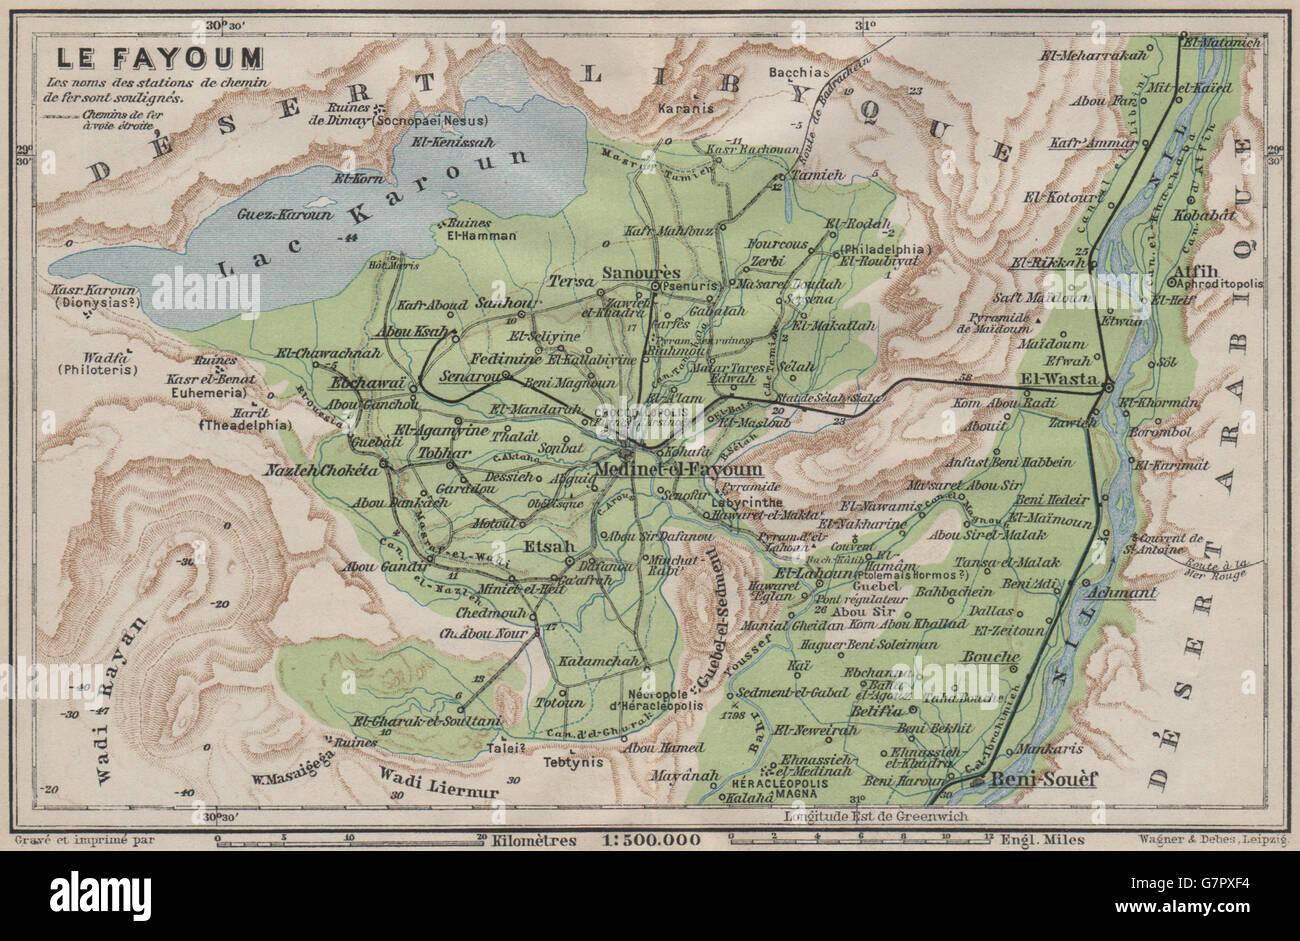 LE FAYOUM EL FAIYUM Environs Lake Qaroun Egypt BAEDEKER - Map of fayoum egypt